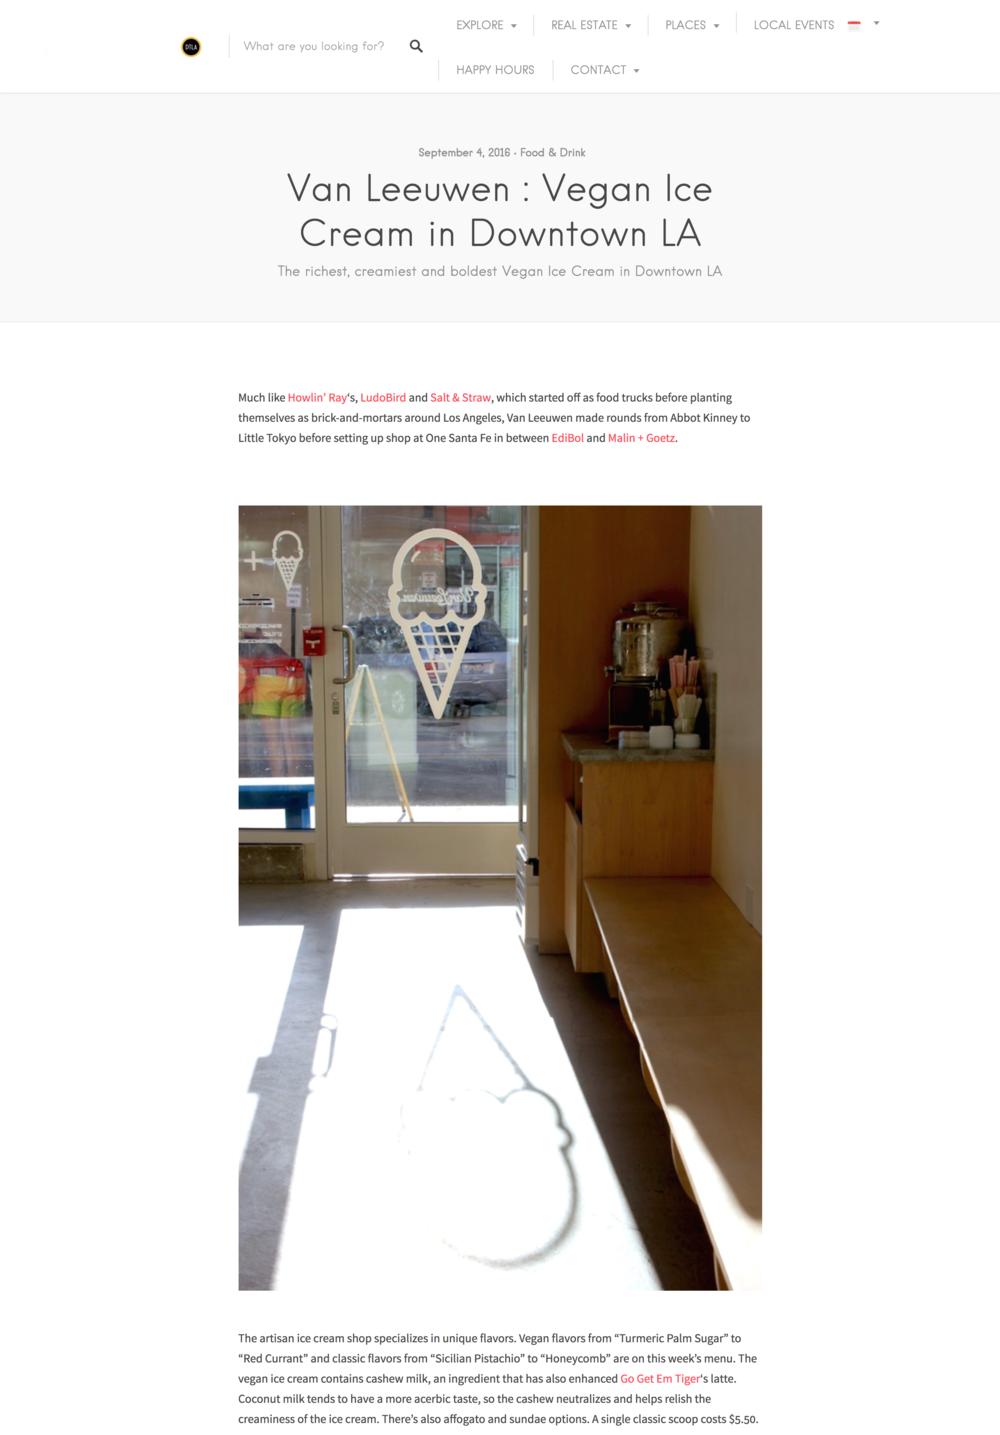 screencapture-happeningindtla-vegan-ice-cream-in-downtown-la-2019-02-06-21_37_07.png